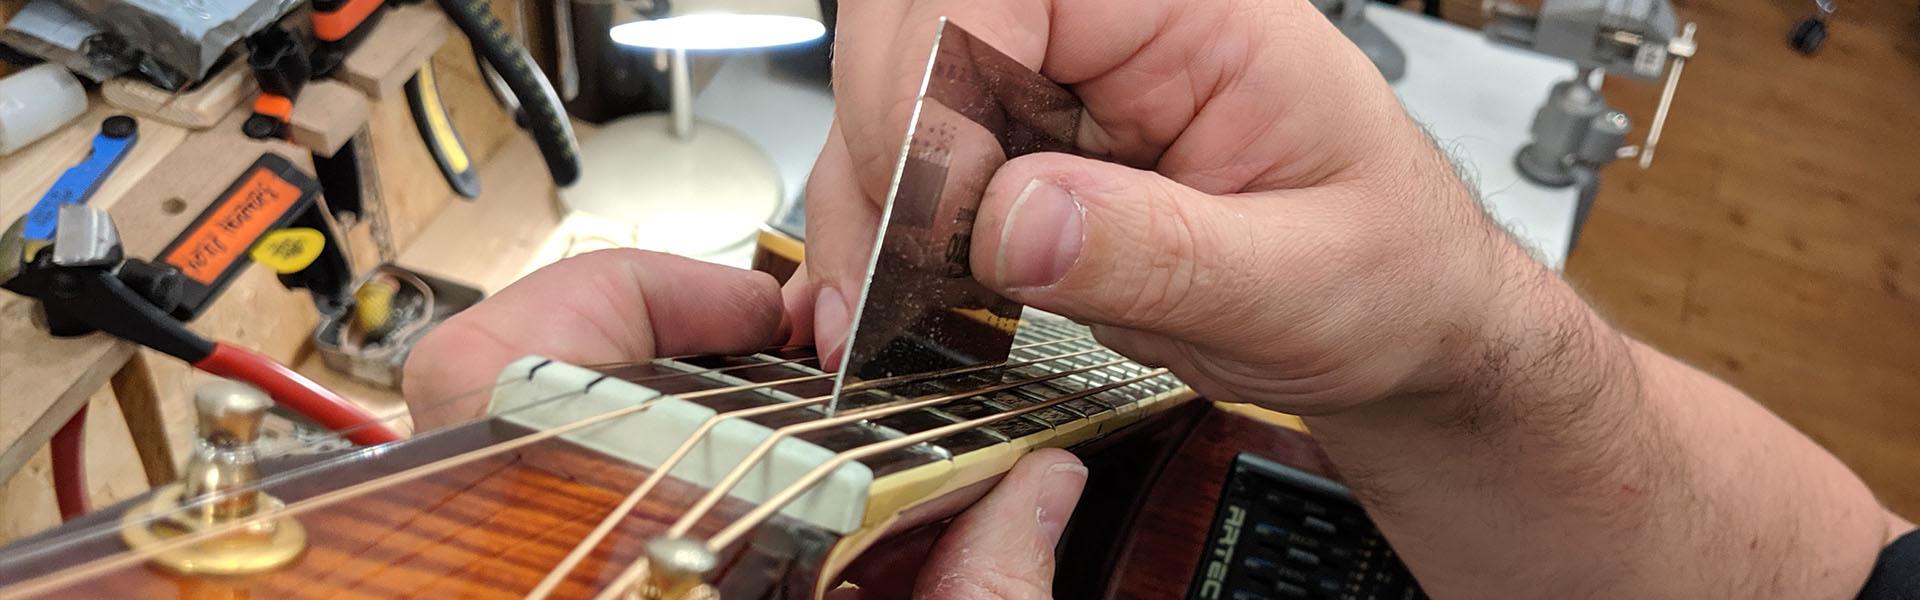 Guitar maintenance and repair at Shire Guitars